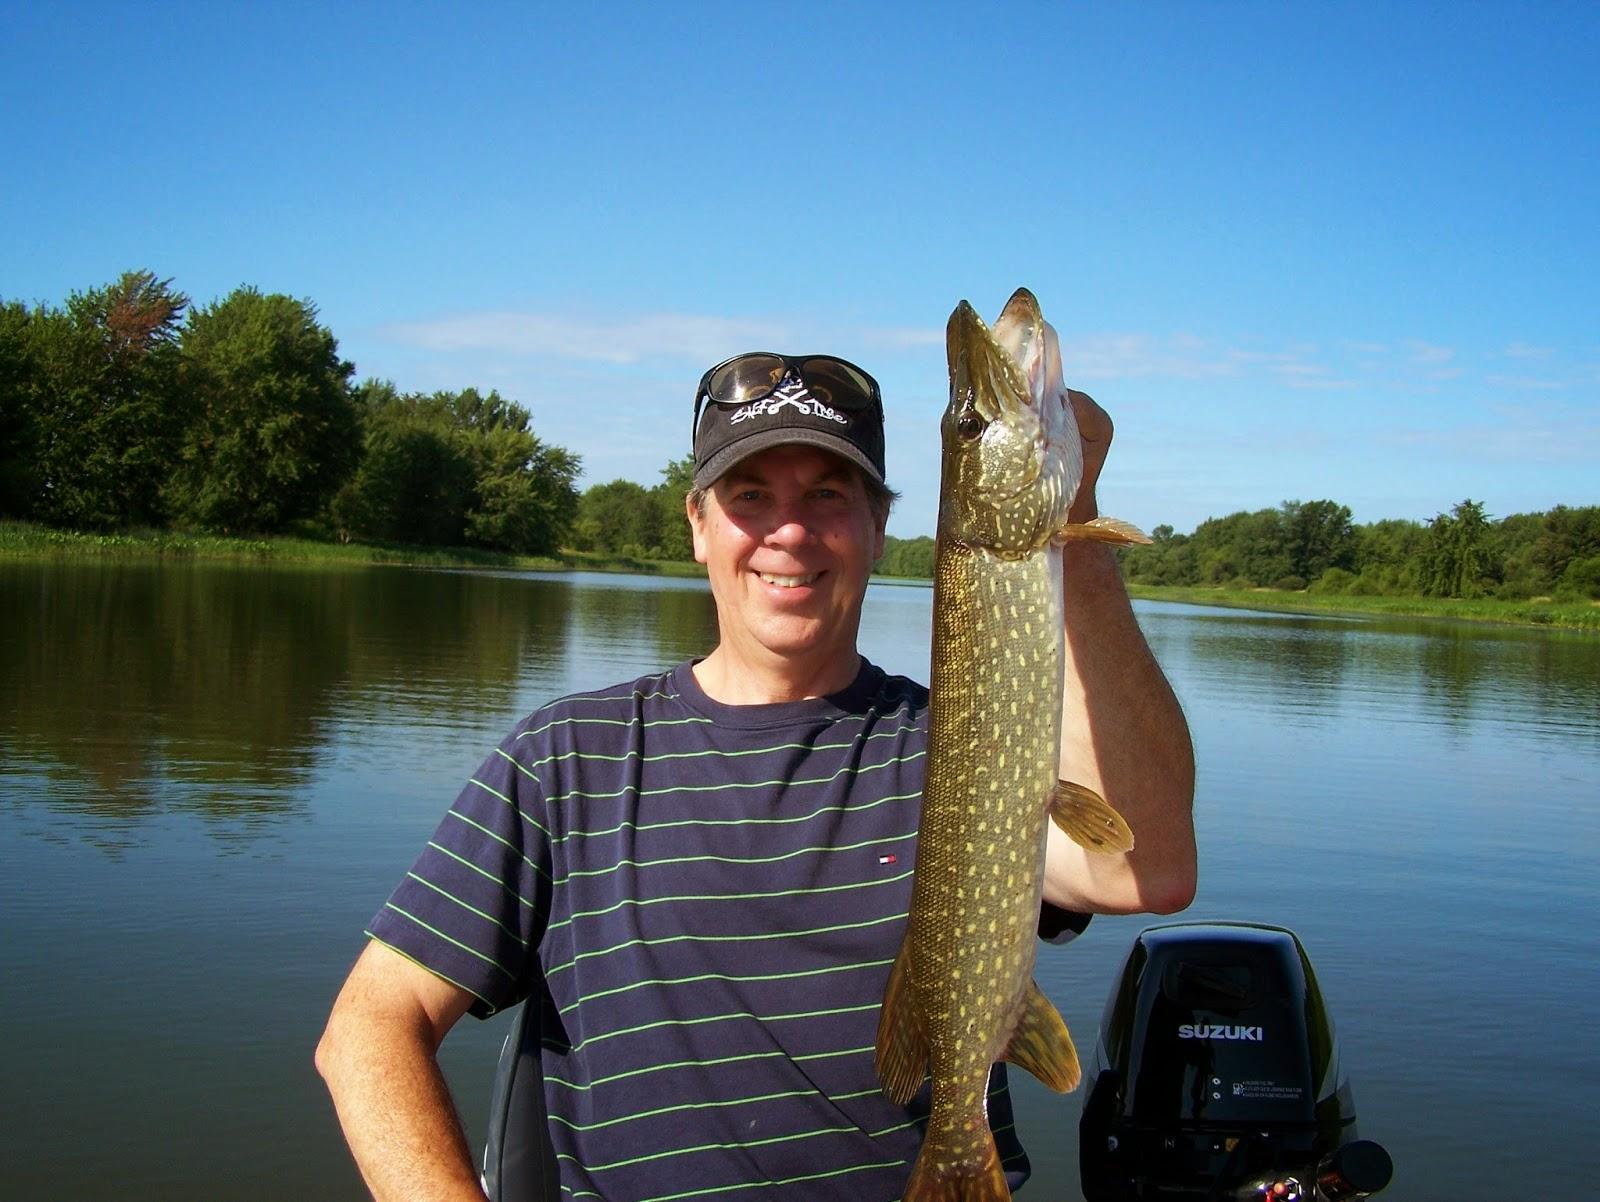 Histoires de pêche, blogue de pêche, Daniel Lefaivre, pêche à la dérive